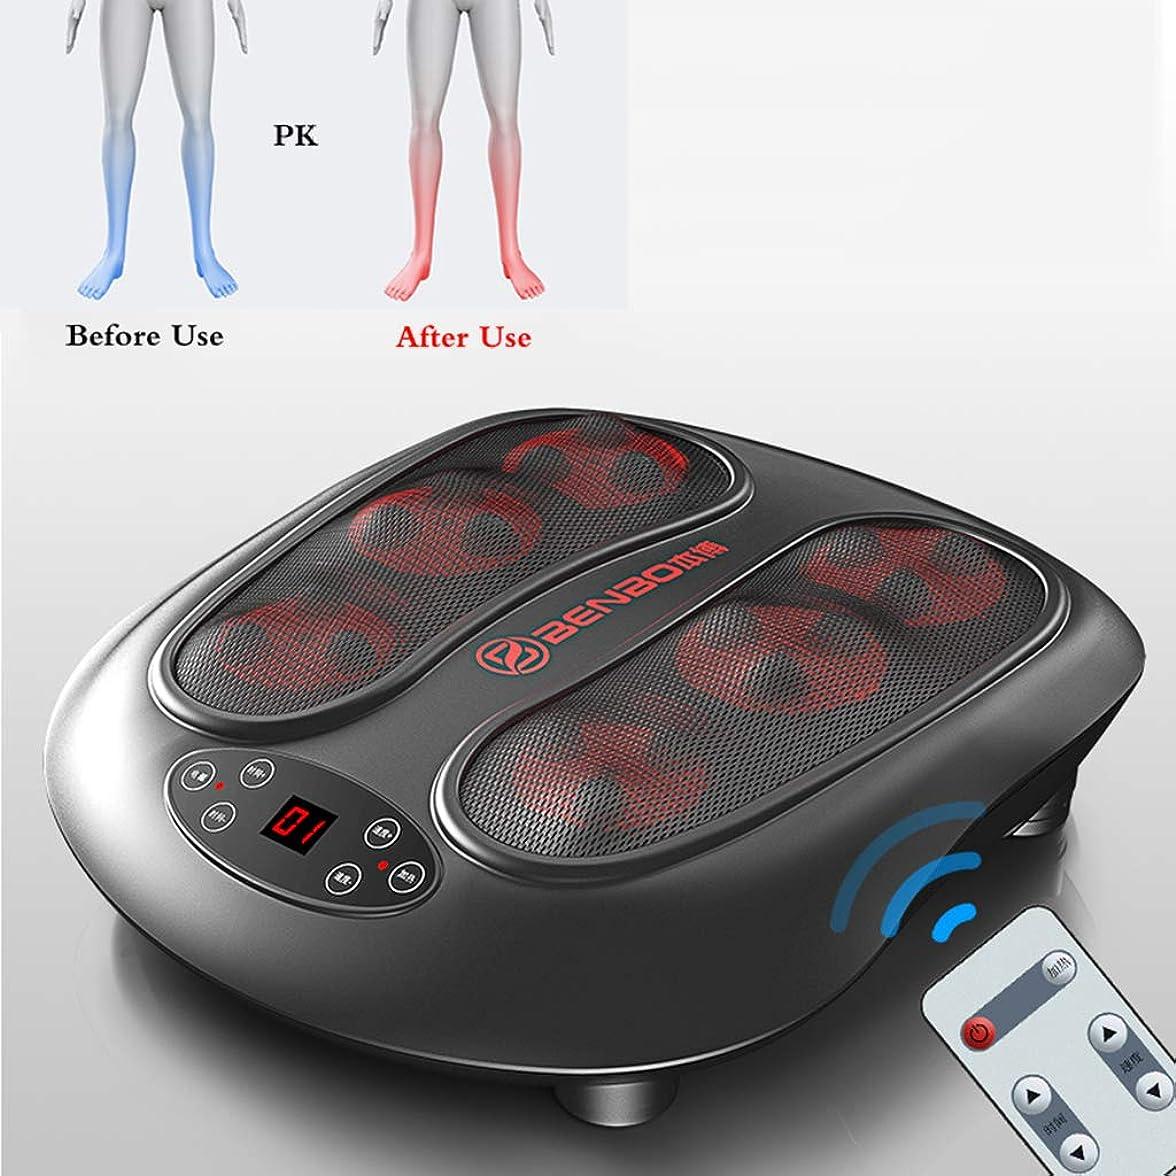 キャベツ心臓相対性理論電気足マッサージ機ディープニーディングセラピー足底筋膜炎、つま先、足アーチの痛みとストレスを和らげますホームオフィス用